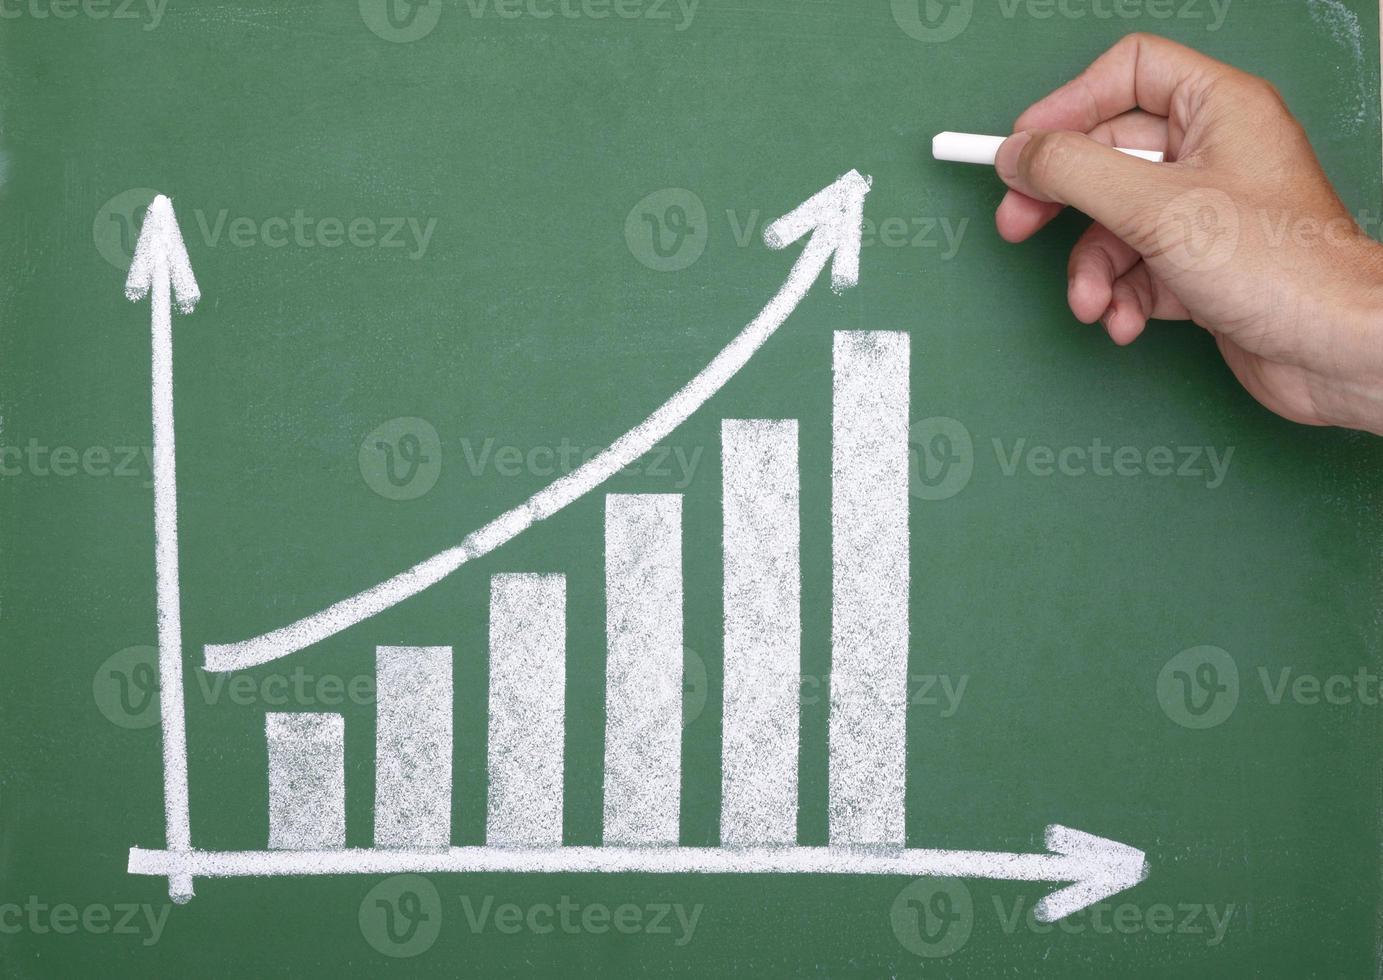 gráfico de negocios financieros en economía de pizarra foto